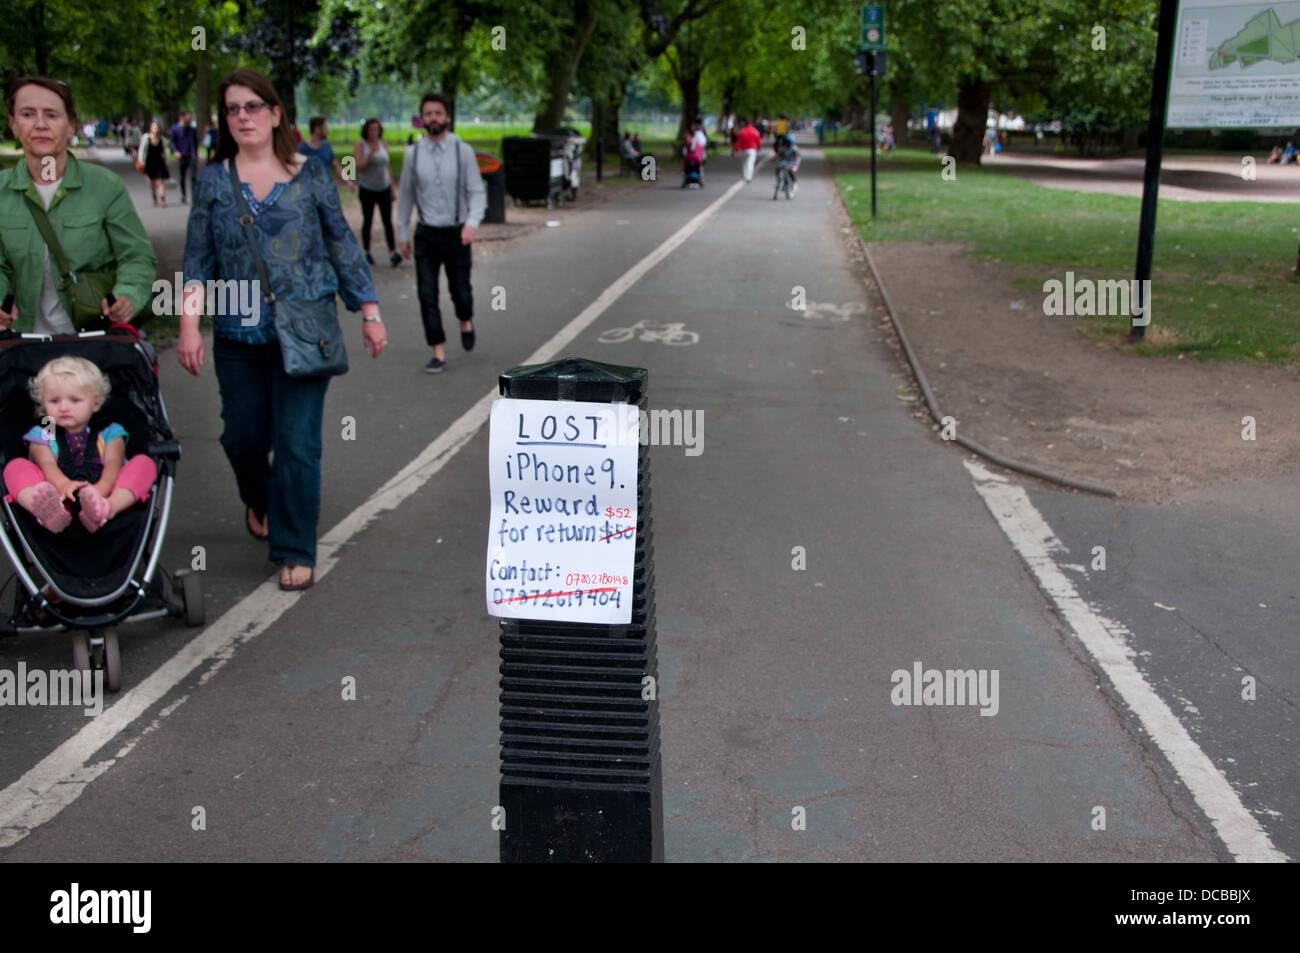 Hackney , i campi di Londra. Avviso appello per il ritorno di perso i-phone e l'offerta di ricompensa. Immagini Stock